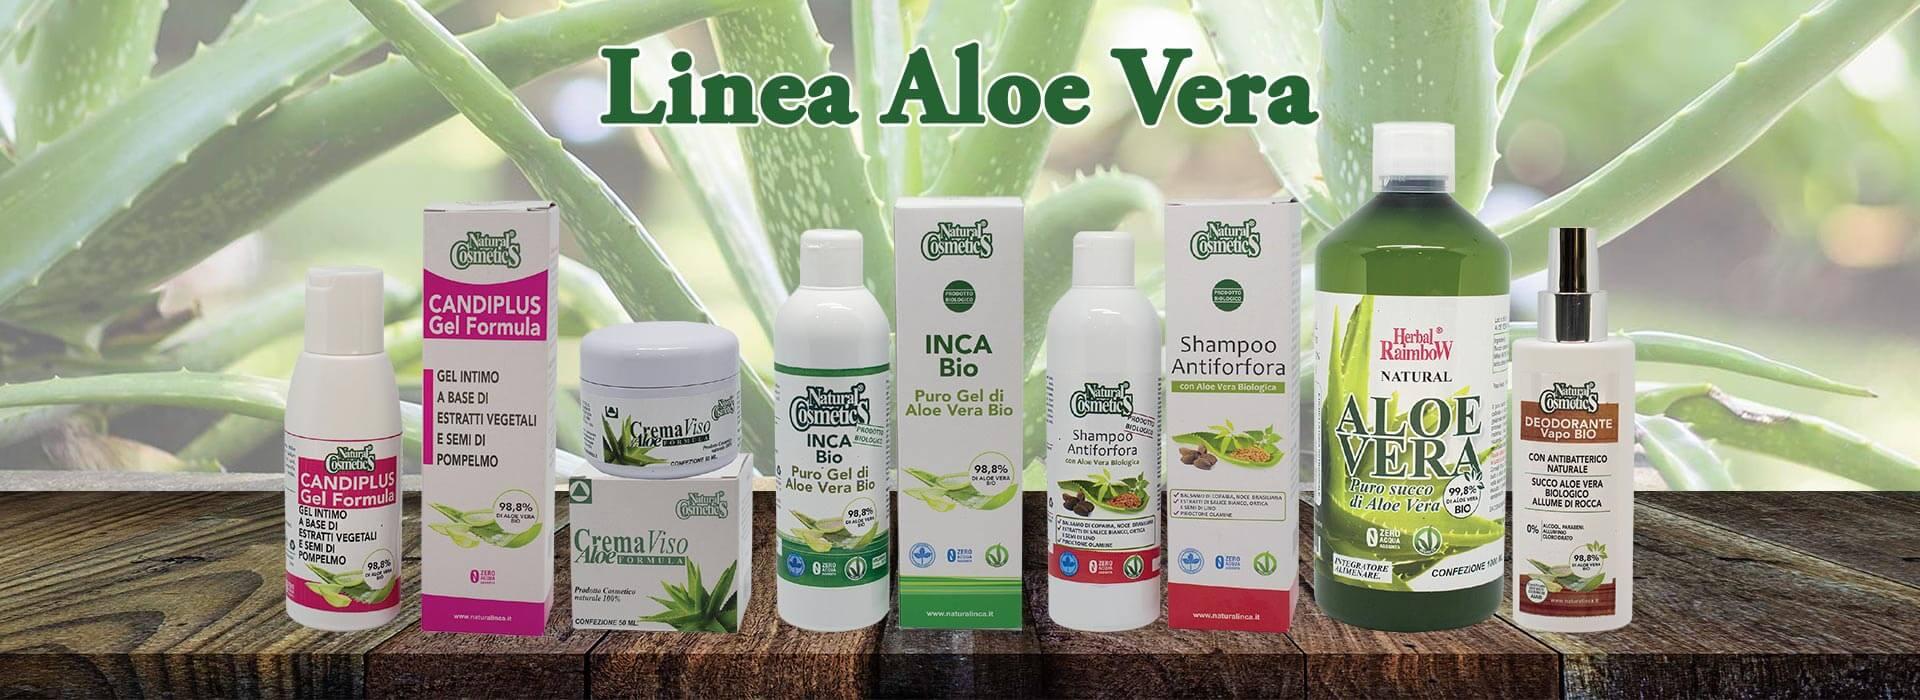 Linea Aloe Vera